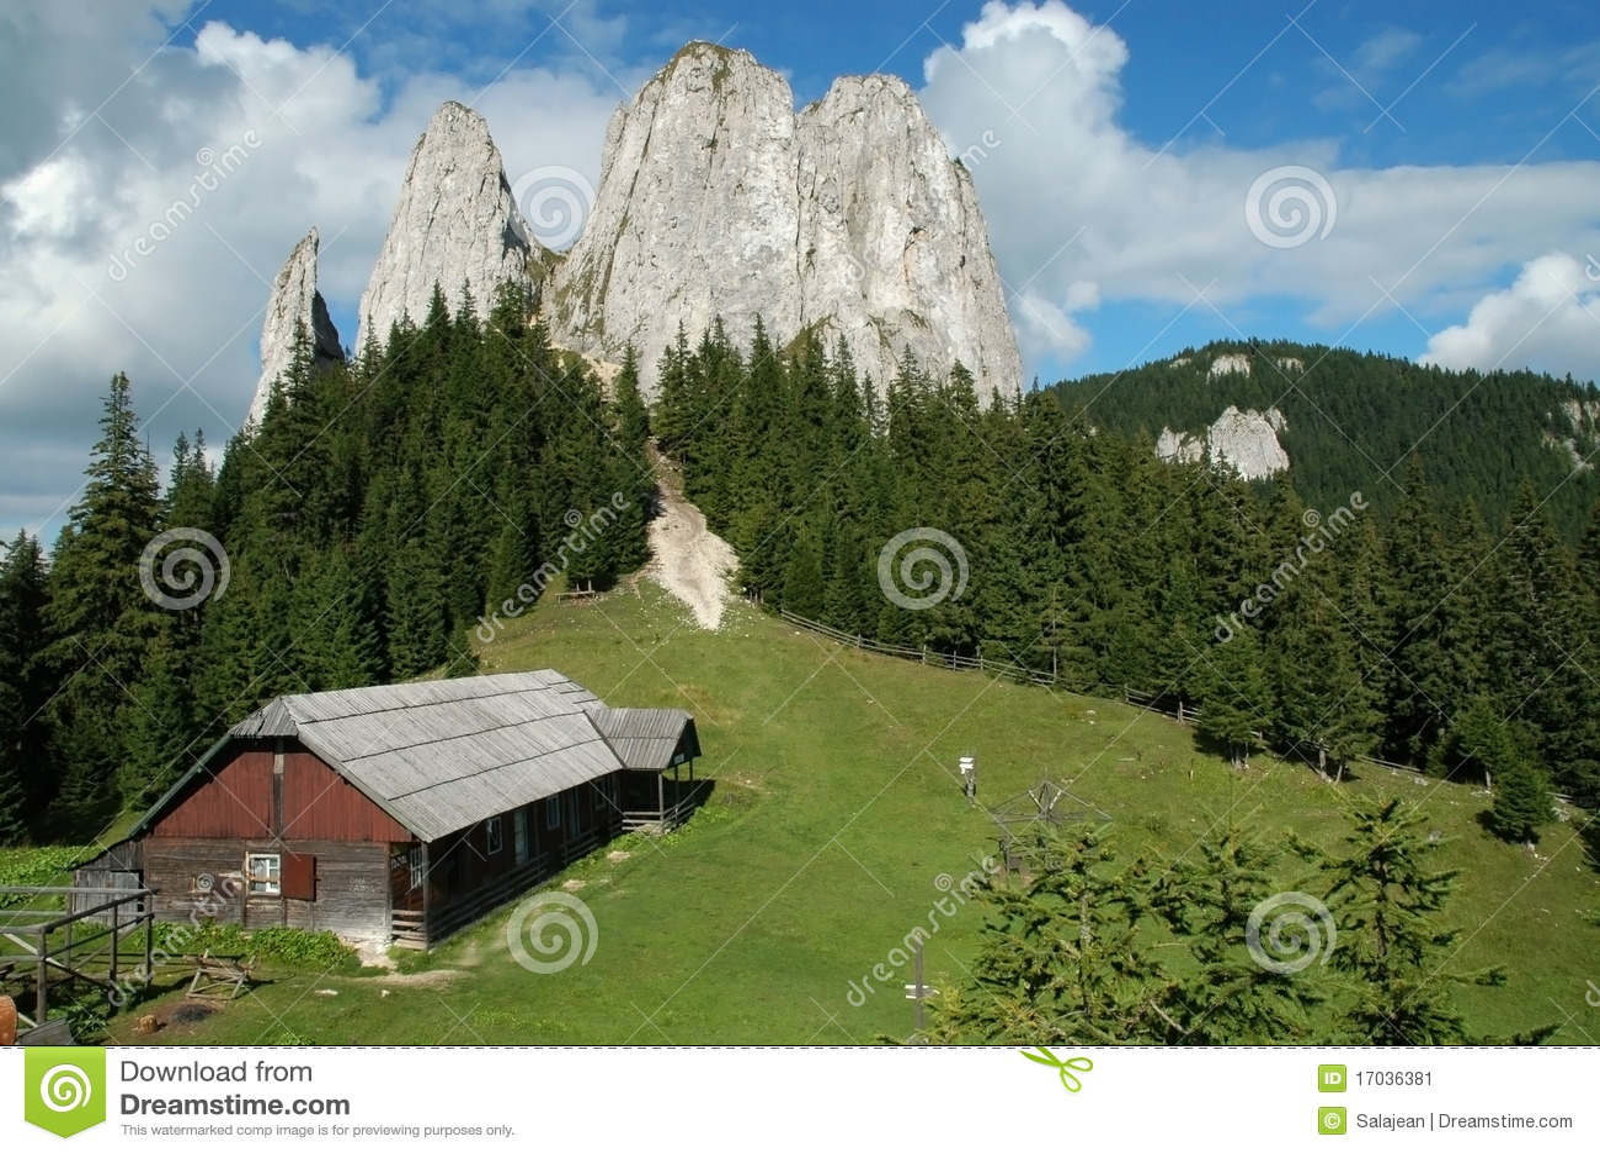 Paesaggio della montagna con una vecchia casa di legno for Planimetrie della casa di montagna